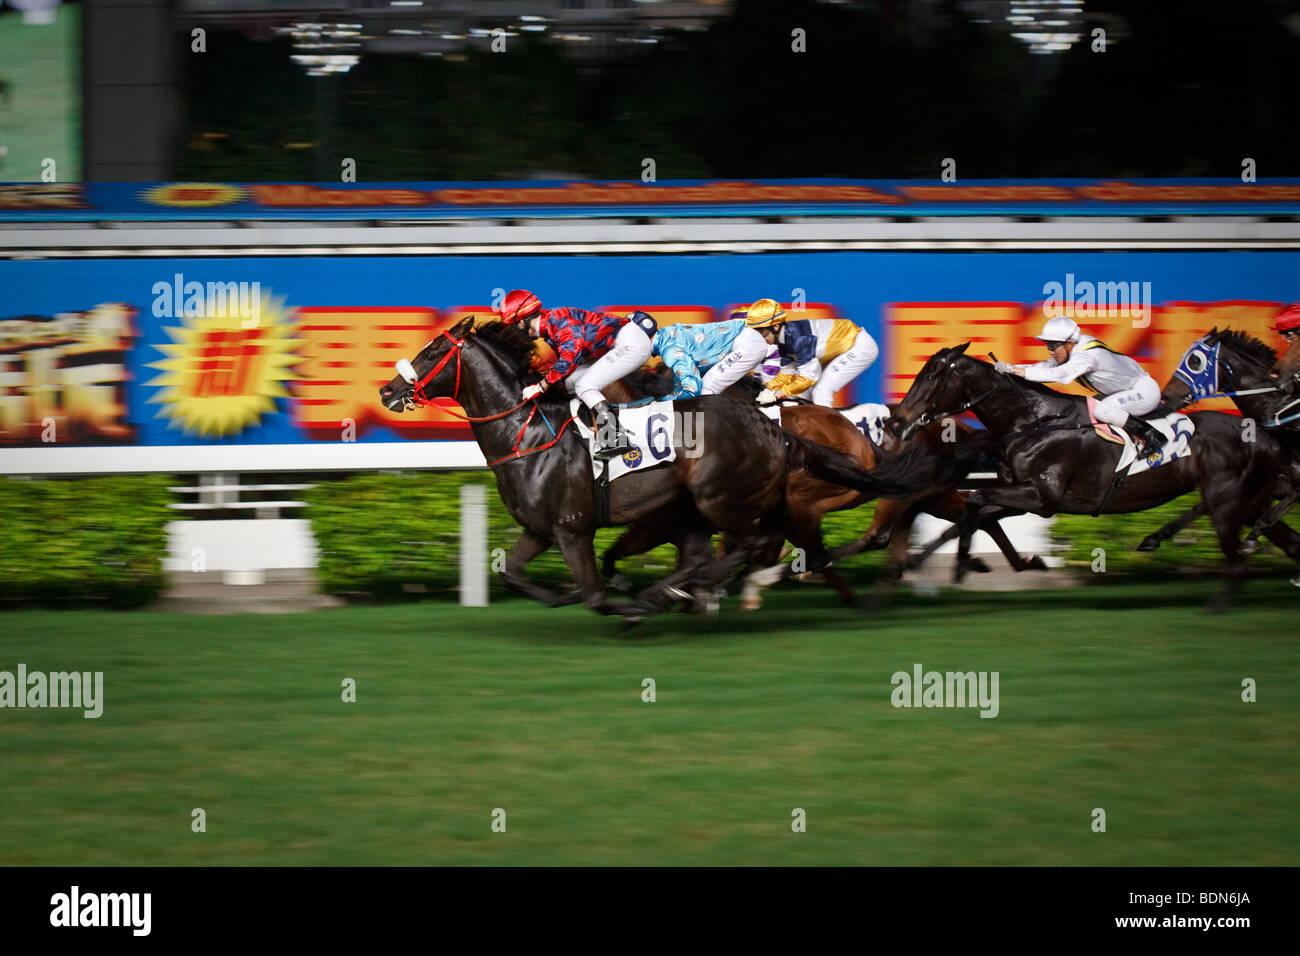 Un último galope hasta el final en una noche de eventos de carreras de caballos en el hipódromo Happy Imagen De Stock